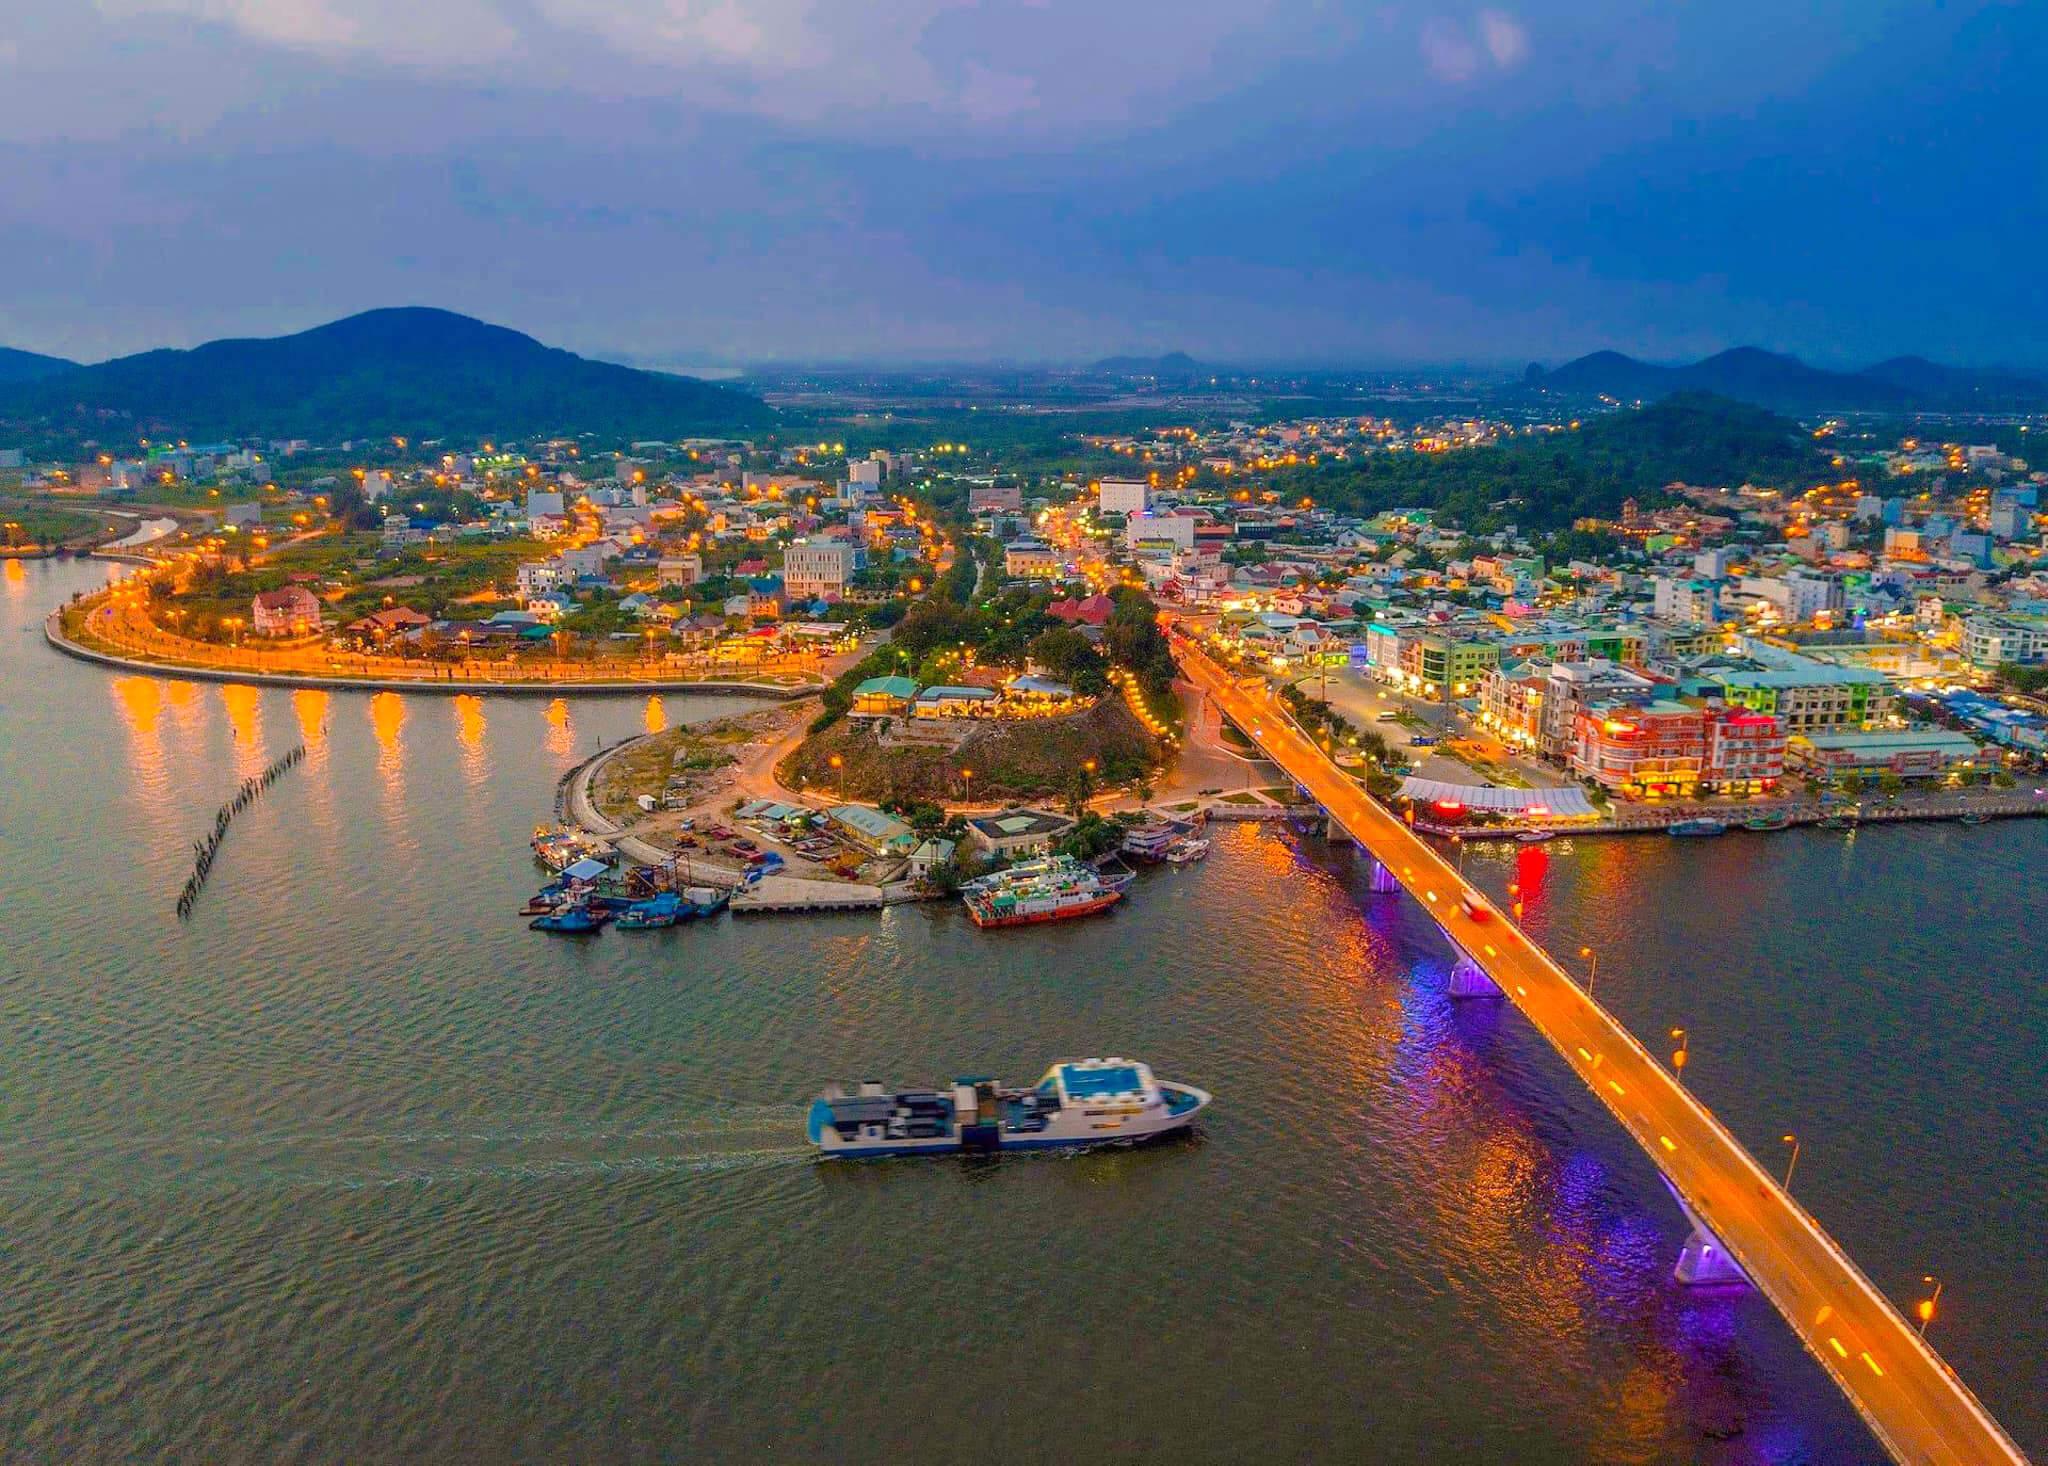 Khách sạn Hà Tiên - mùa nào cũng đẹp